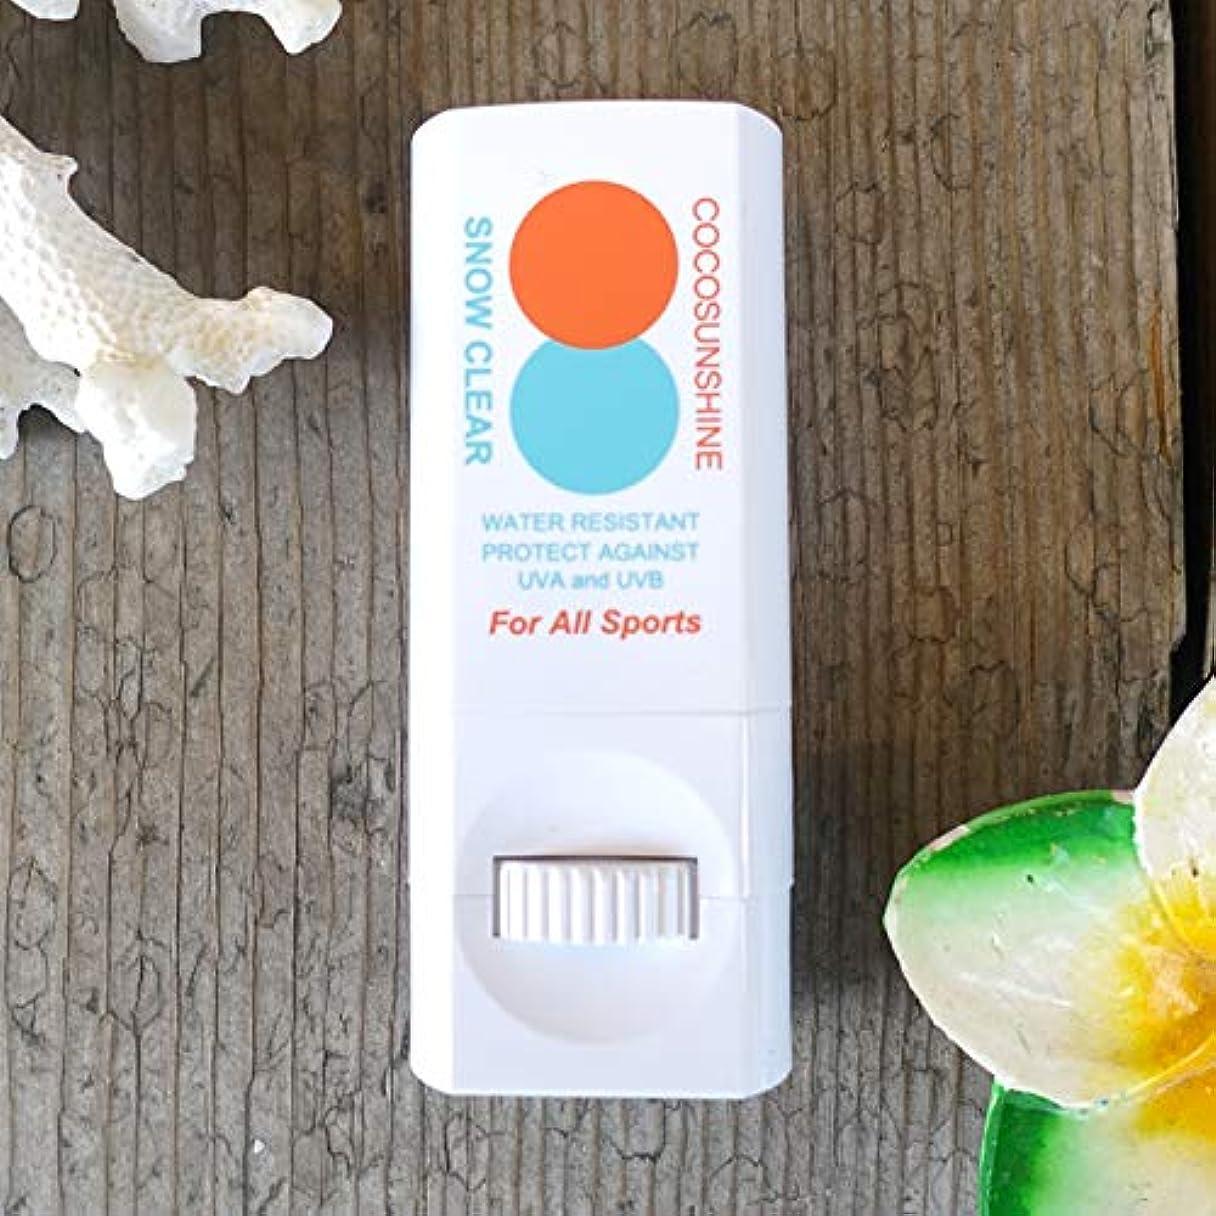 支配的ファウル友だちSnipe Sports Cosmetic(スナイプ スポーツ コスメティック) COCO SUNSHINE ココサンシャイン 固形 日焼け止め スティック 練り出しタイプ UVプロテクト SPF30 PA++ スノークリア